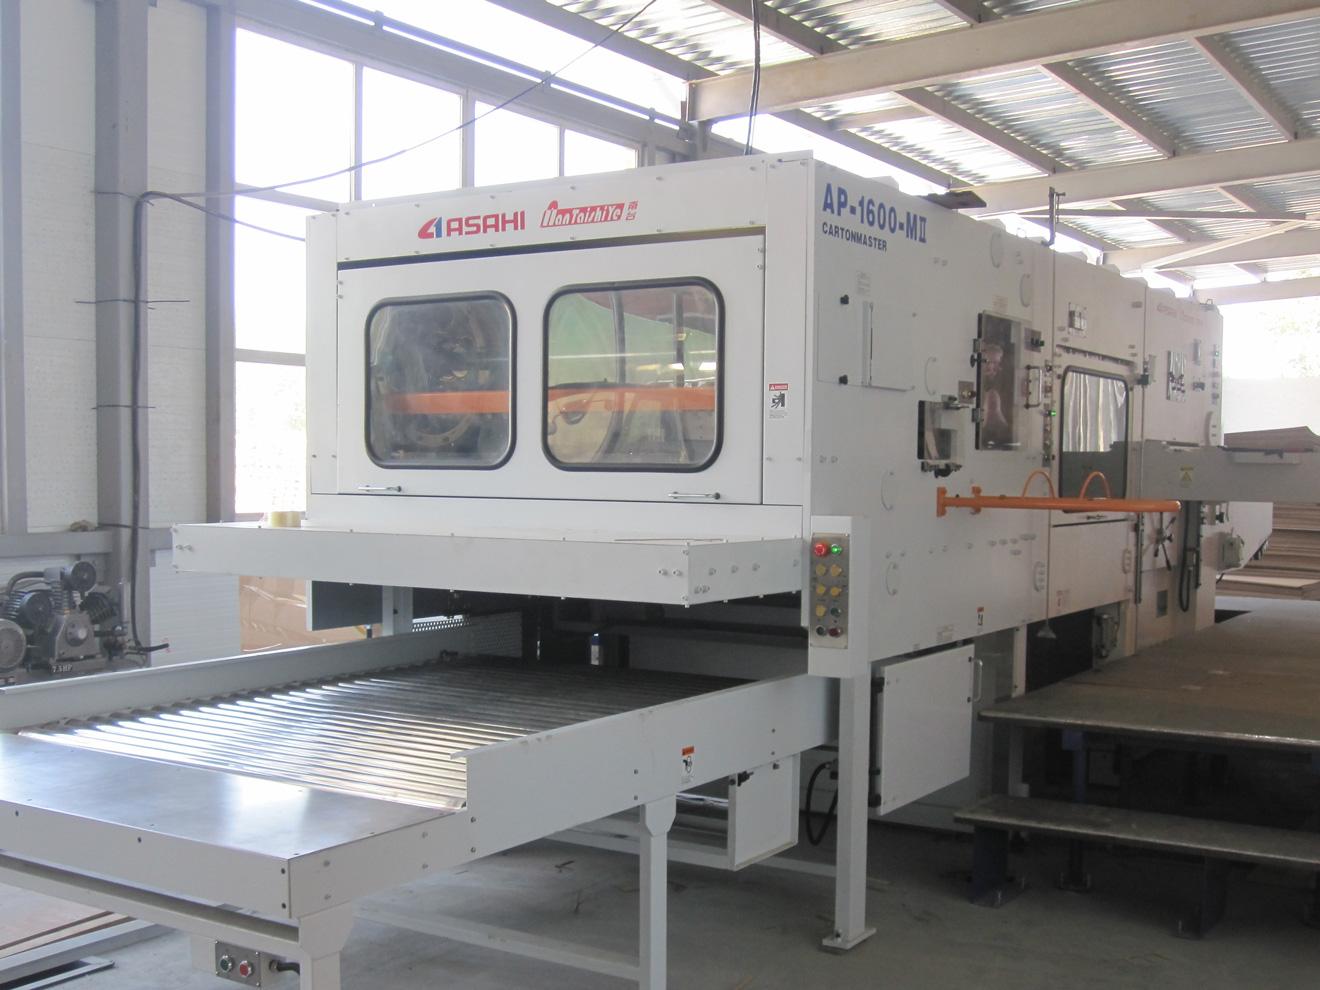 1-AP-1600-M-II